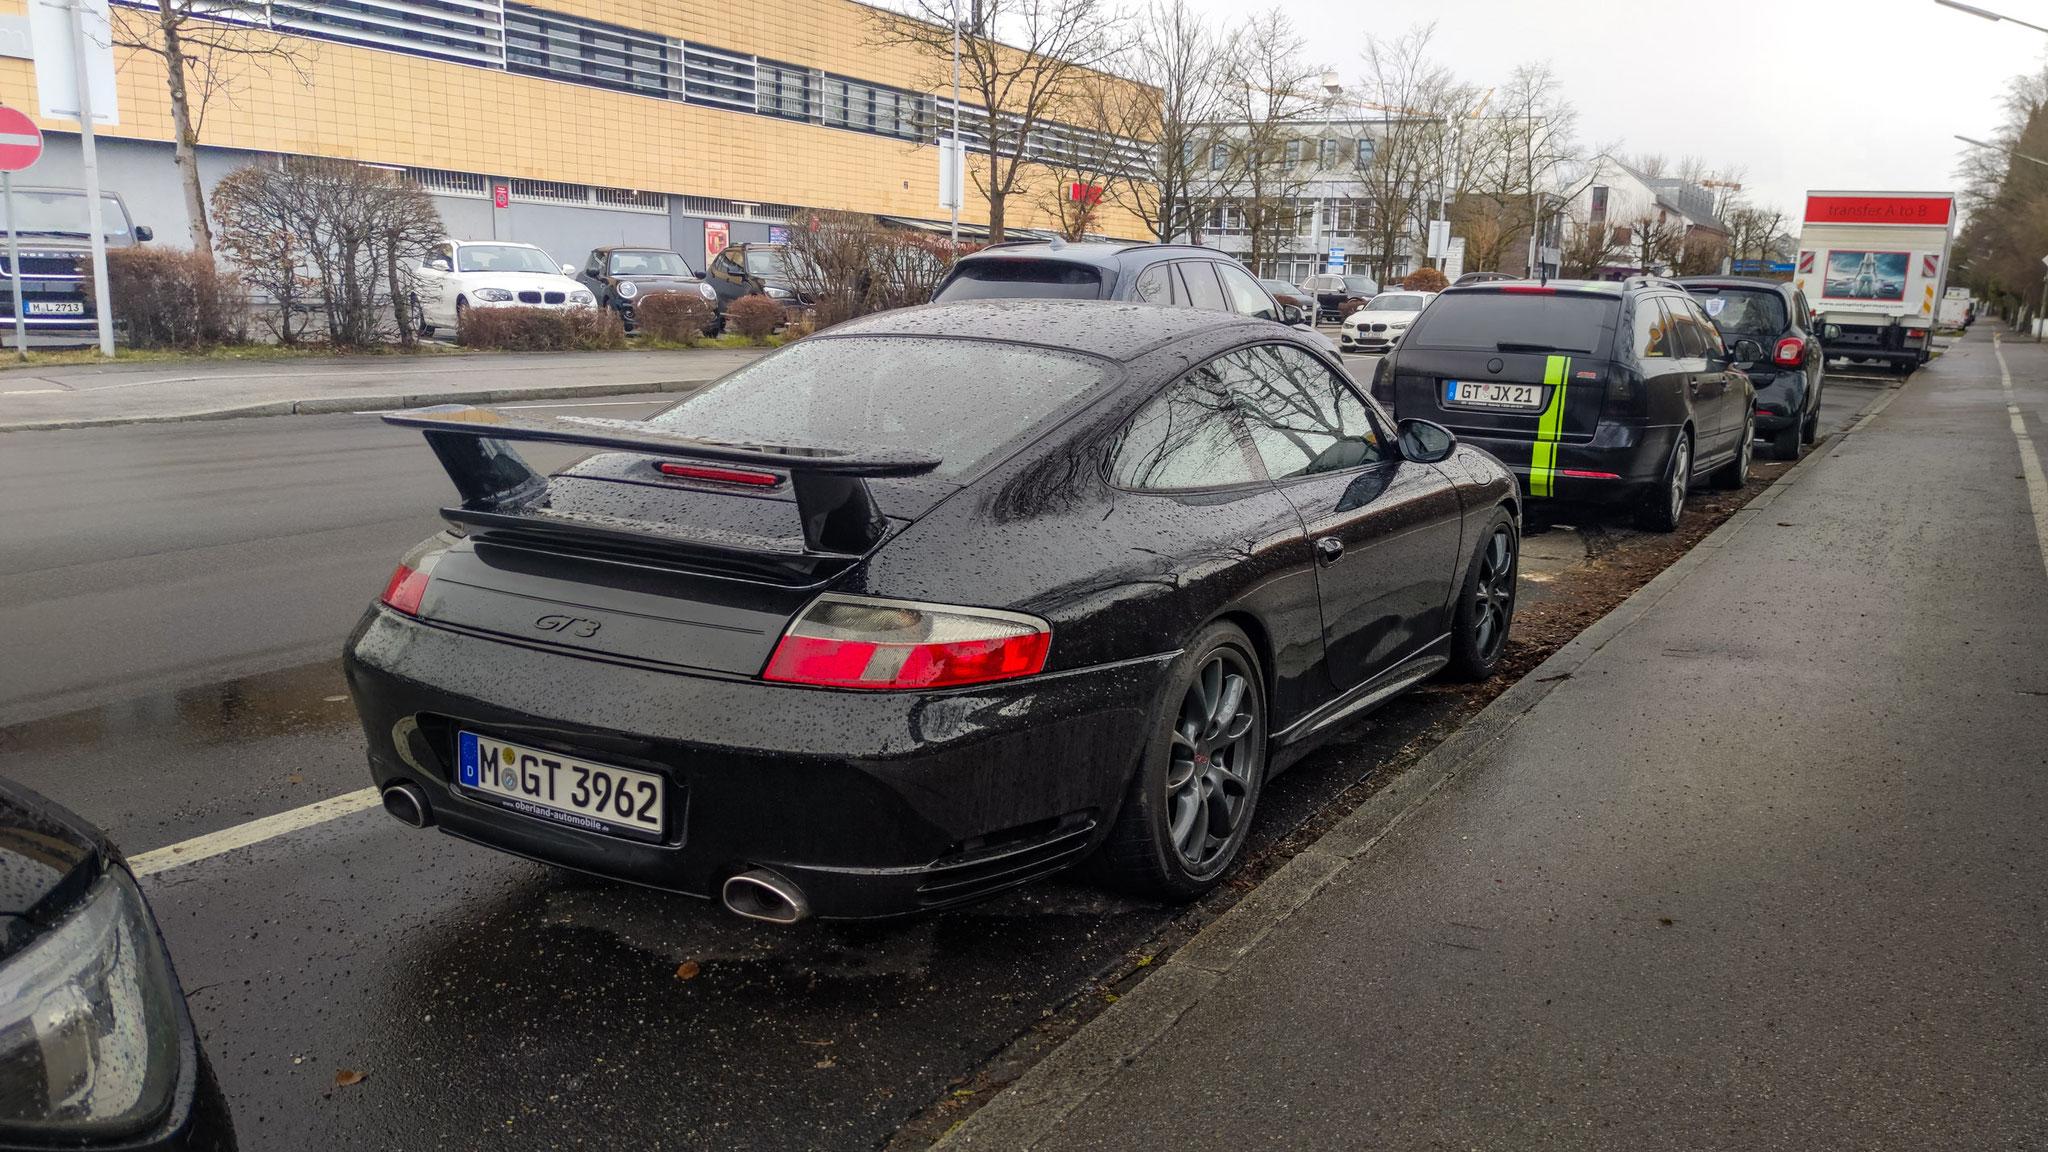 Porsche GT3 996 - M-GT-3962